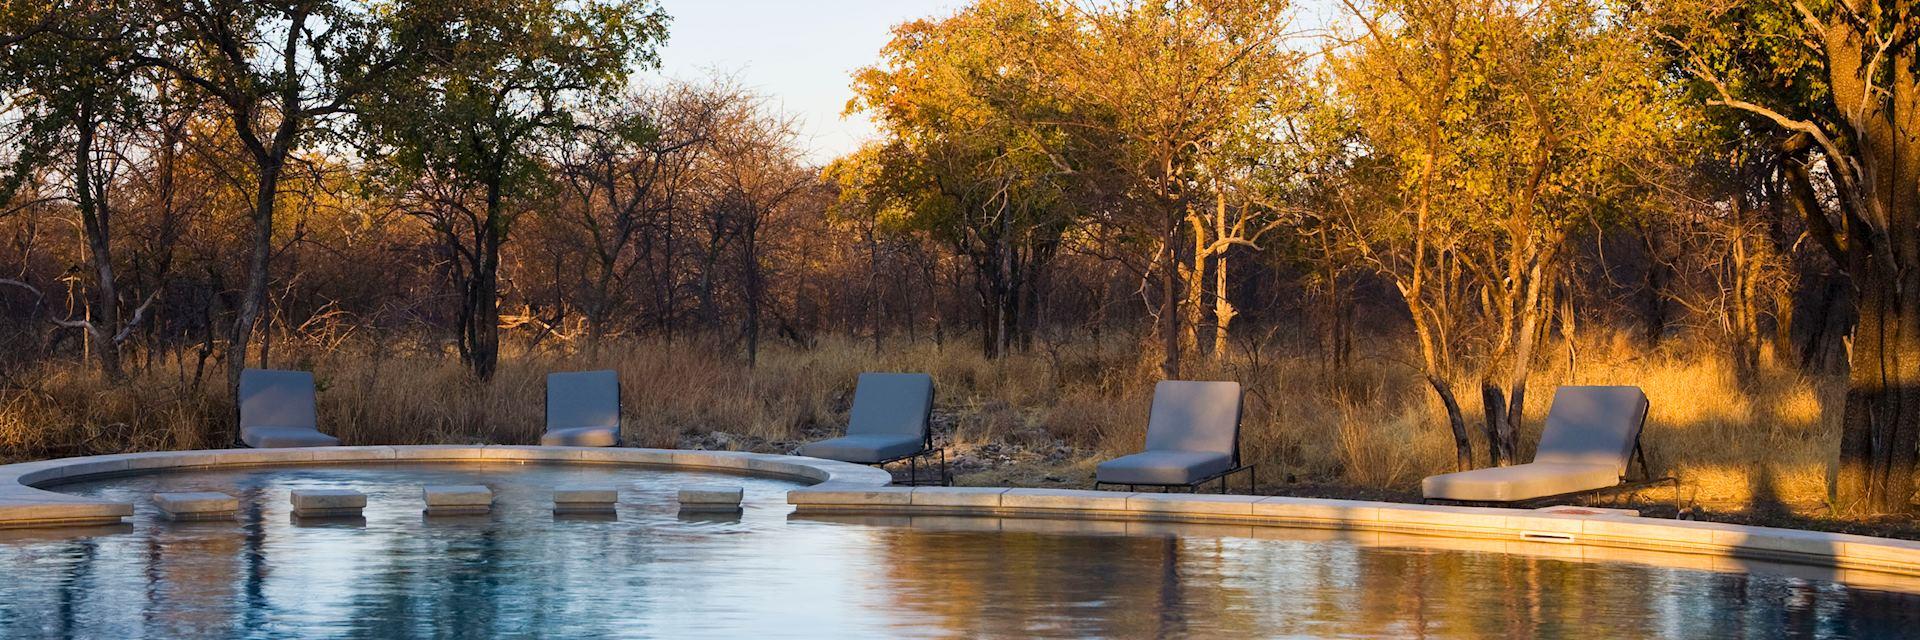 Mushara Bush Camp, Namibia